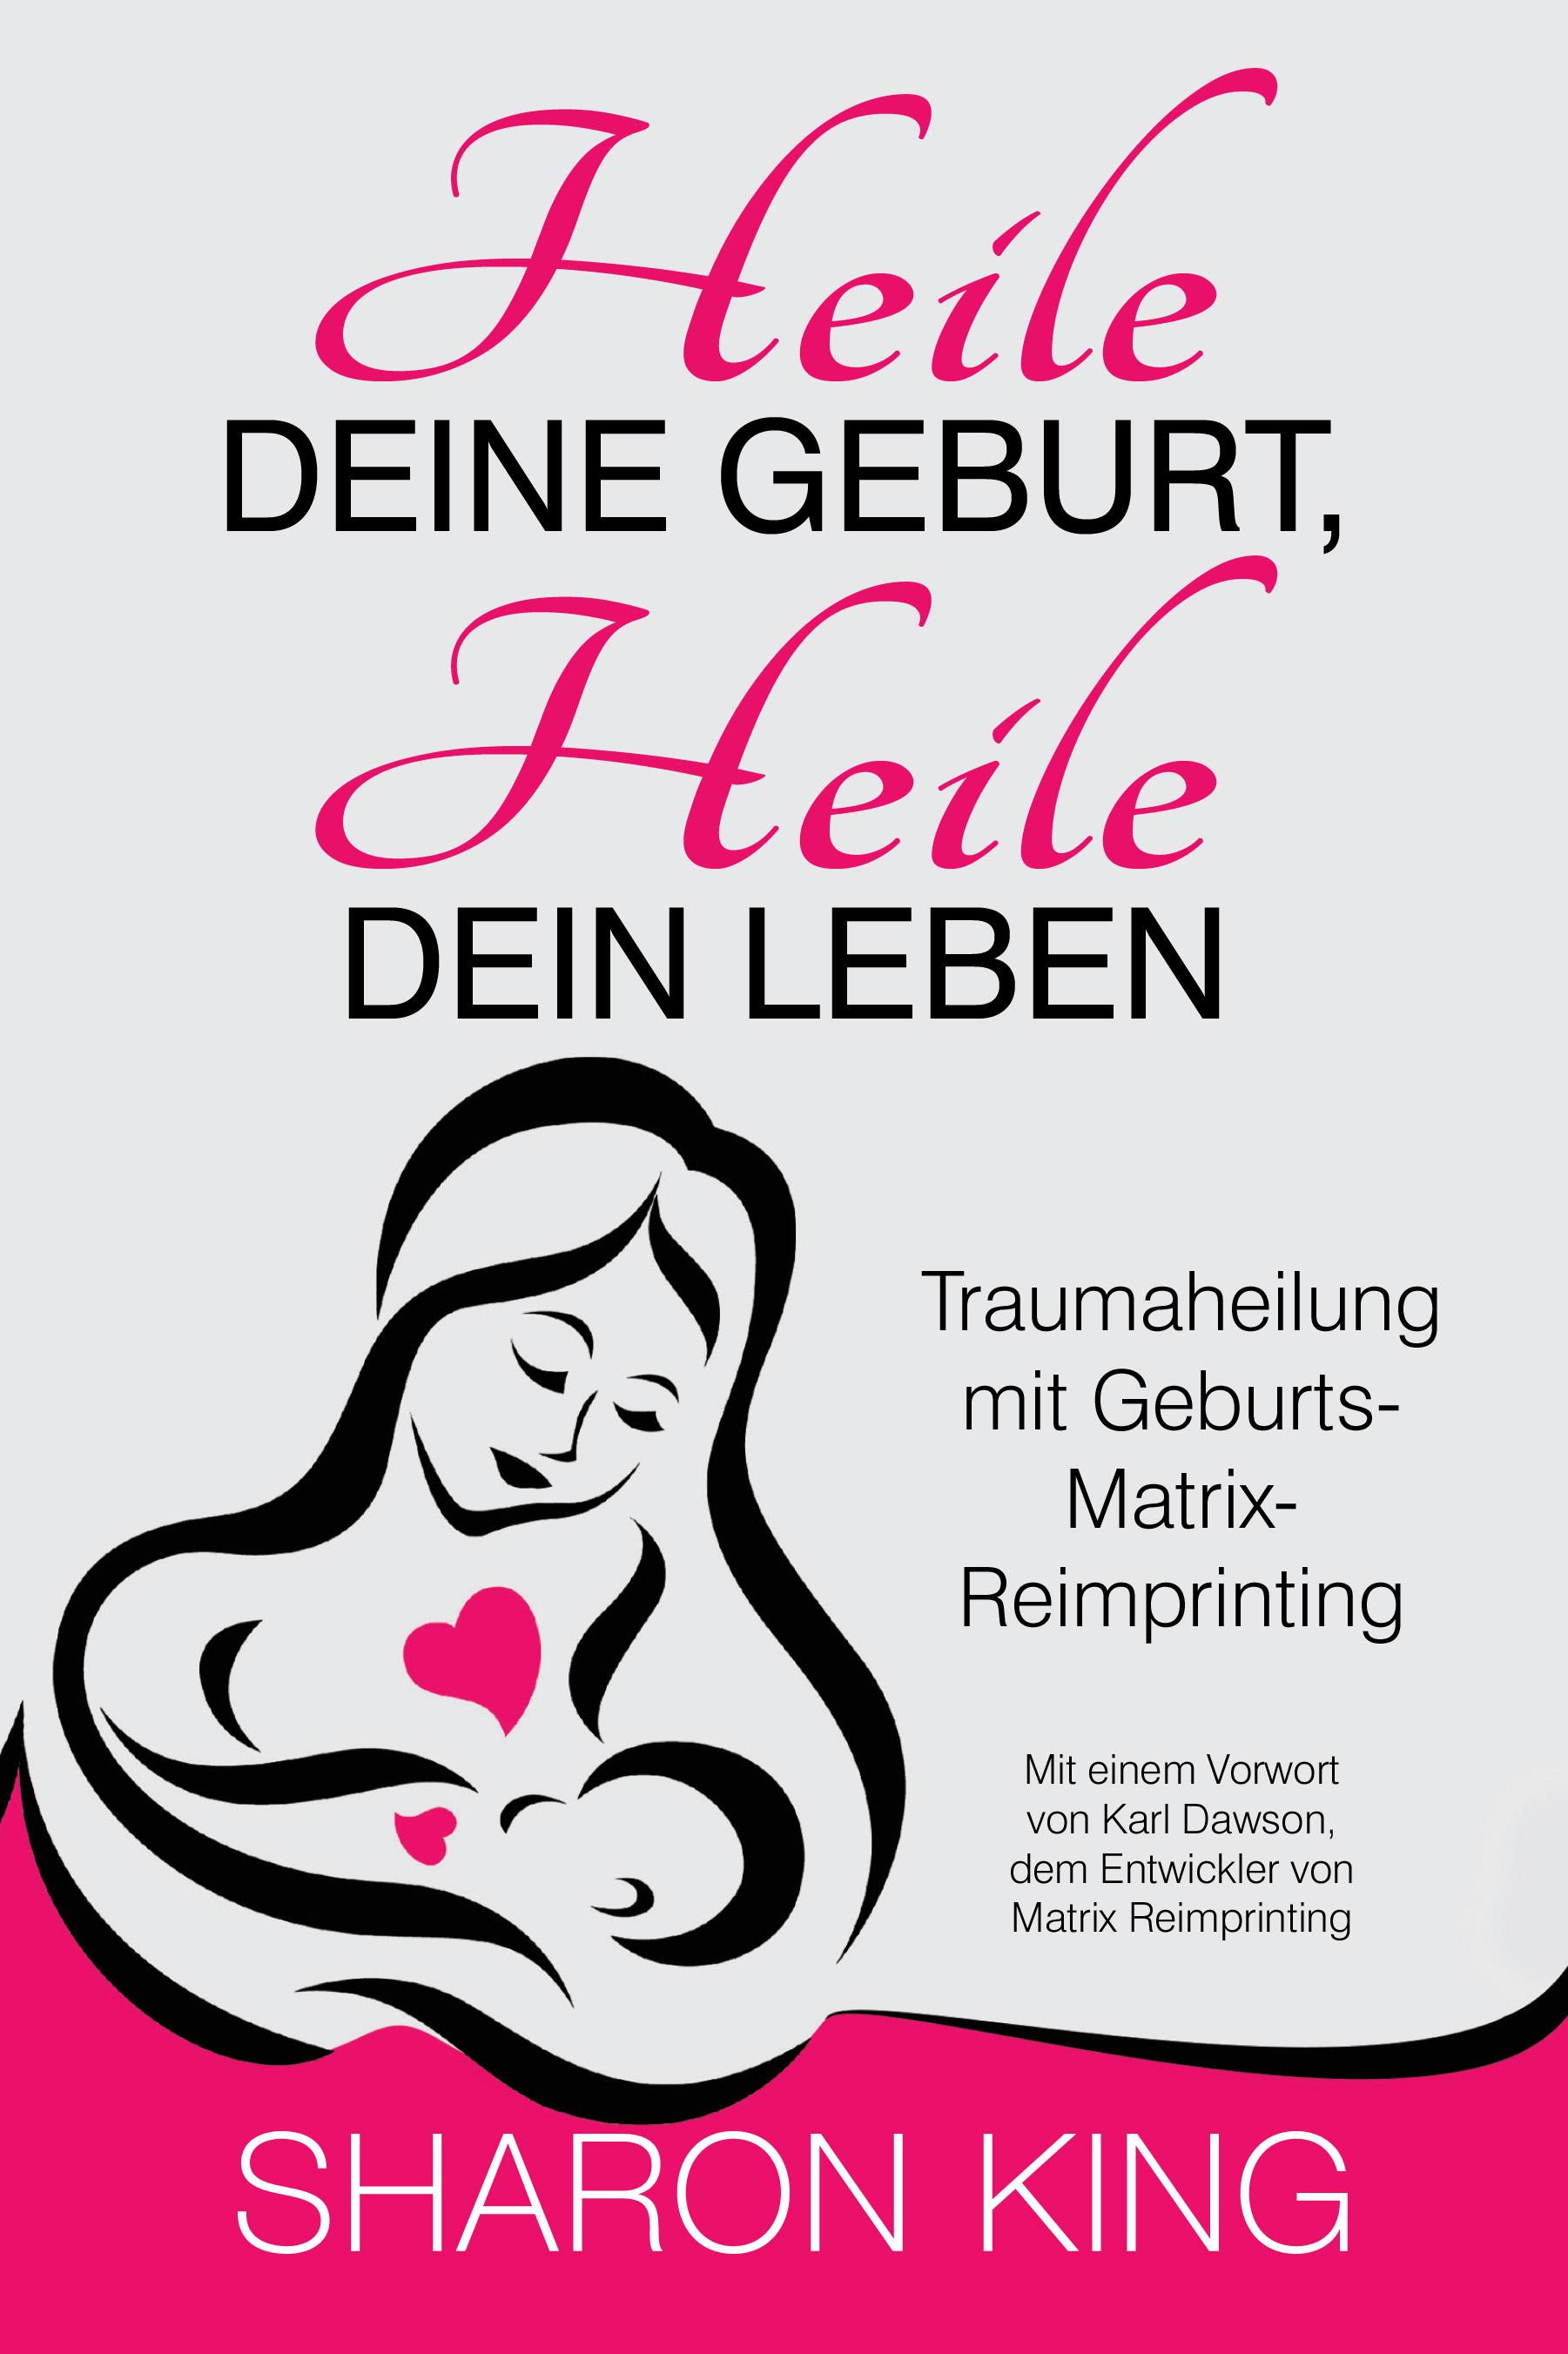 Heile Deine Geburt, heile Dein Leben: Traumaheilung mit Geburts-Matrix-Reimprinting